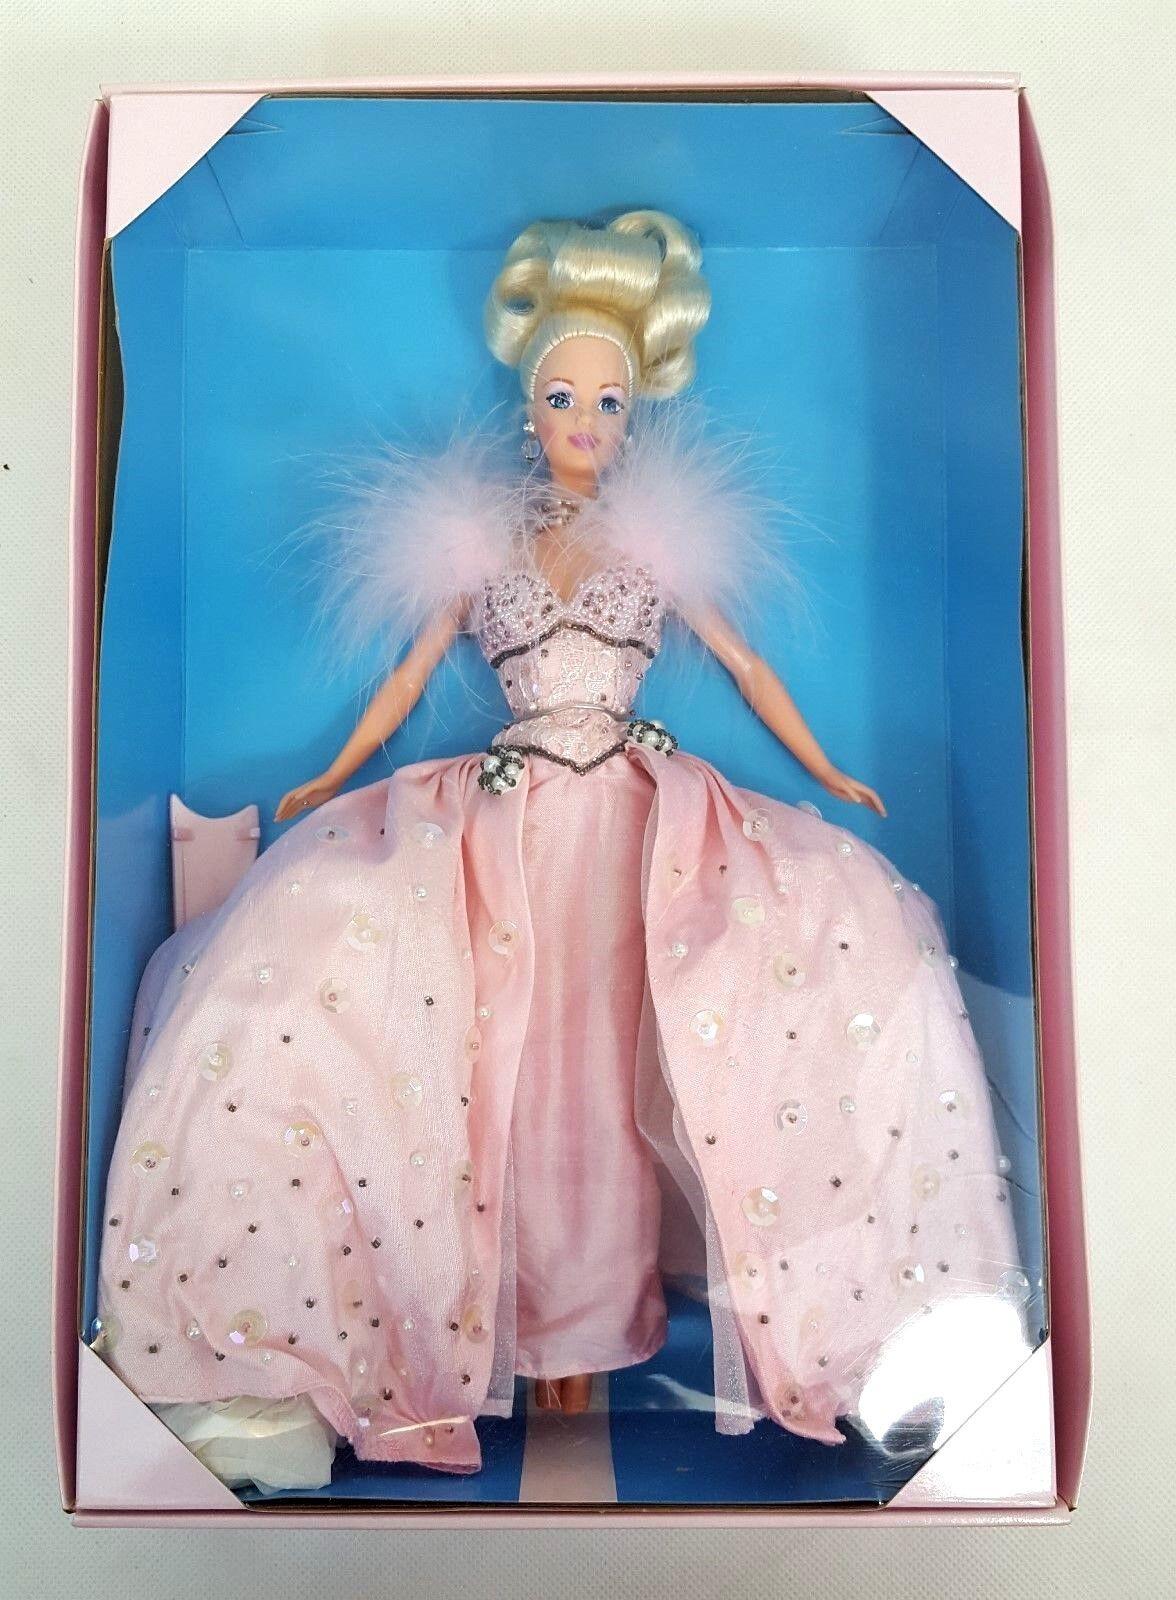 1996 Mattel muñeca Barbie de edición limitada de hielo rosado 1st en serie Toys R Us